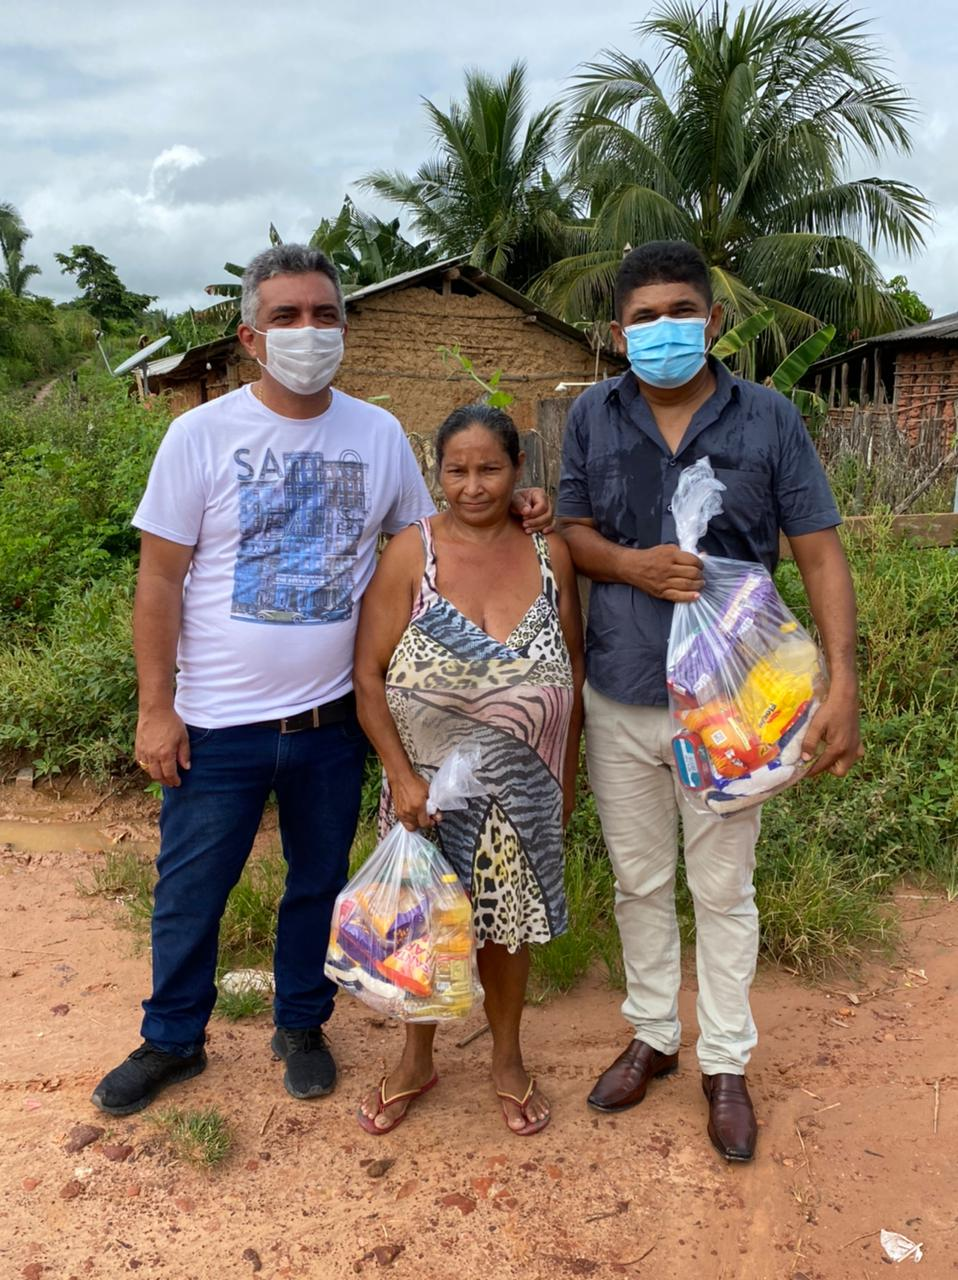 Prefeito Júnior do Posto entrega 5 mil cestas básicas e 100 botijões de gás para famílias carentes em Itaipava do Grajaú